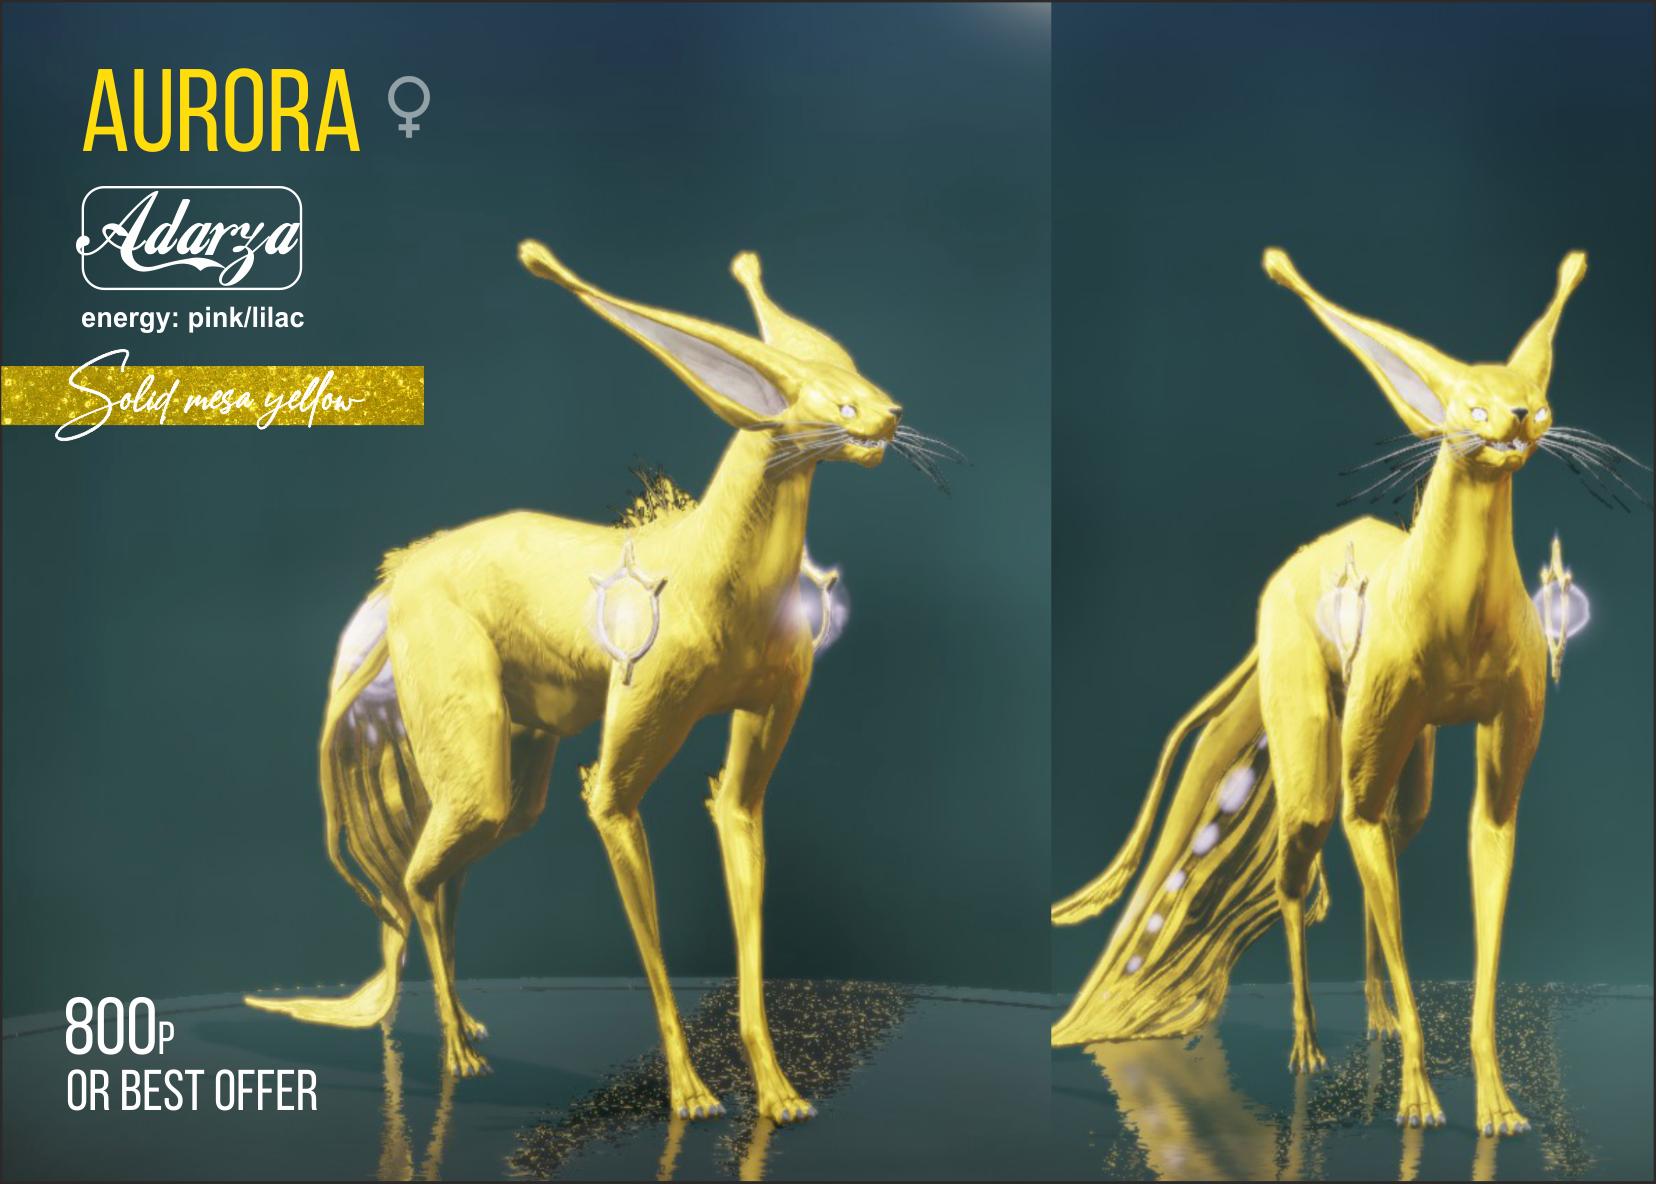 solid_mesa_yellow.png